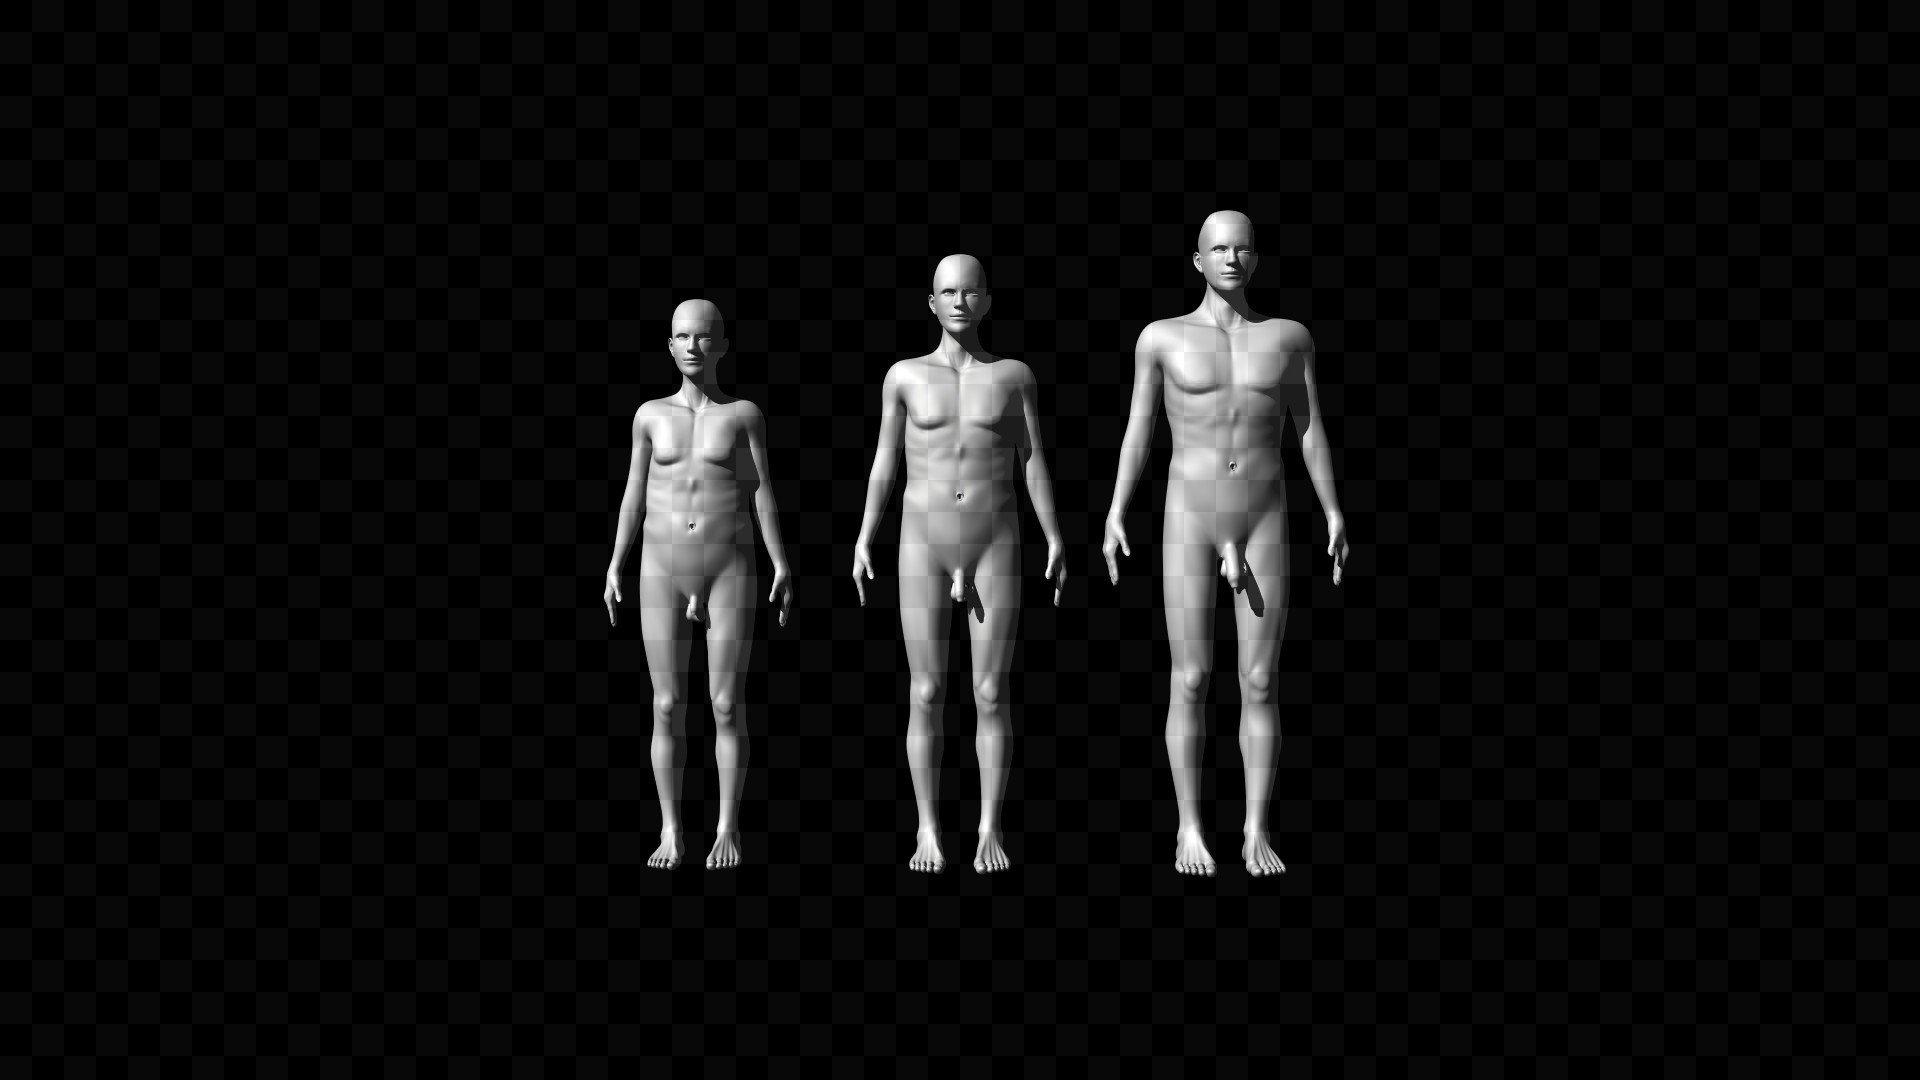 Naked light skinned girls twerkinf